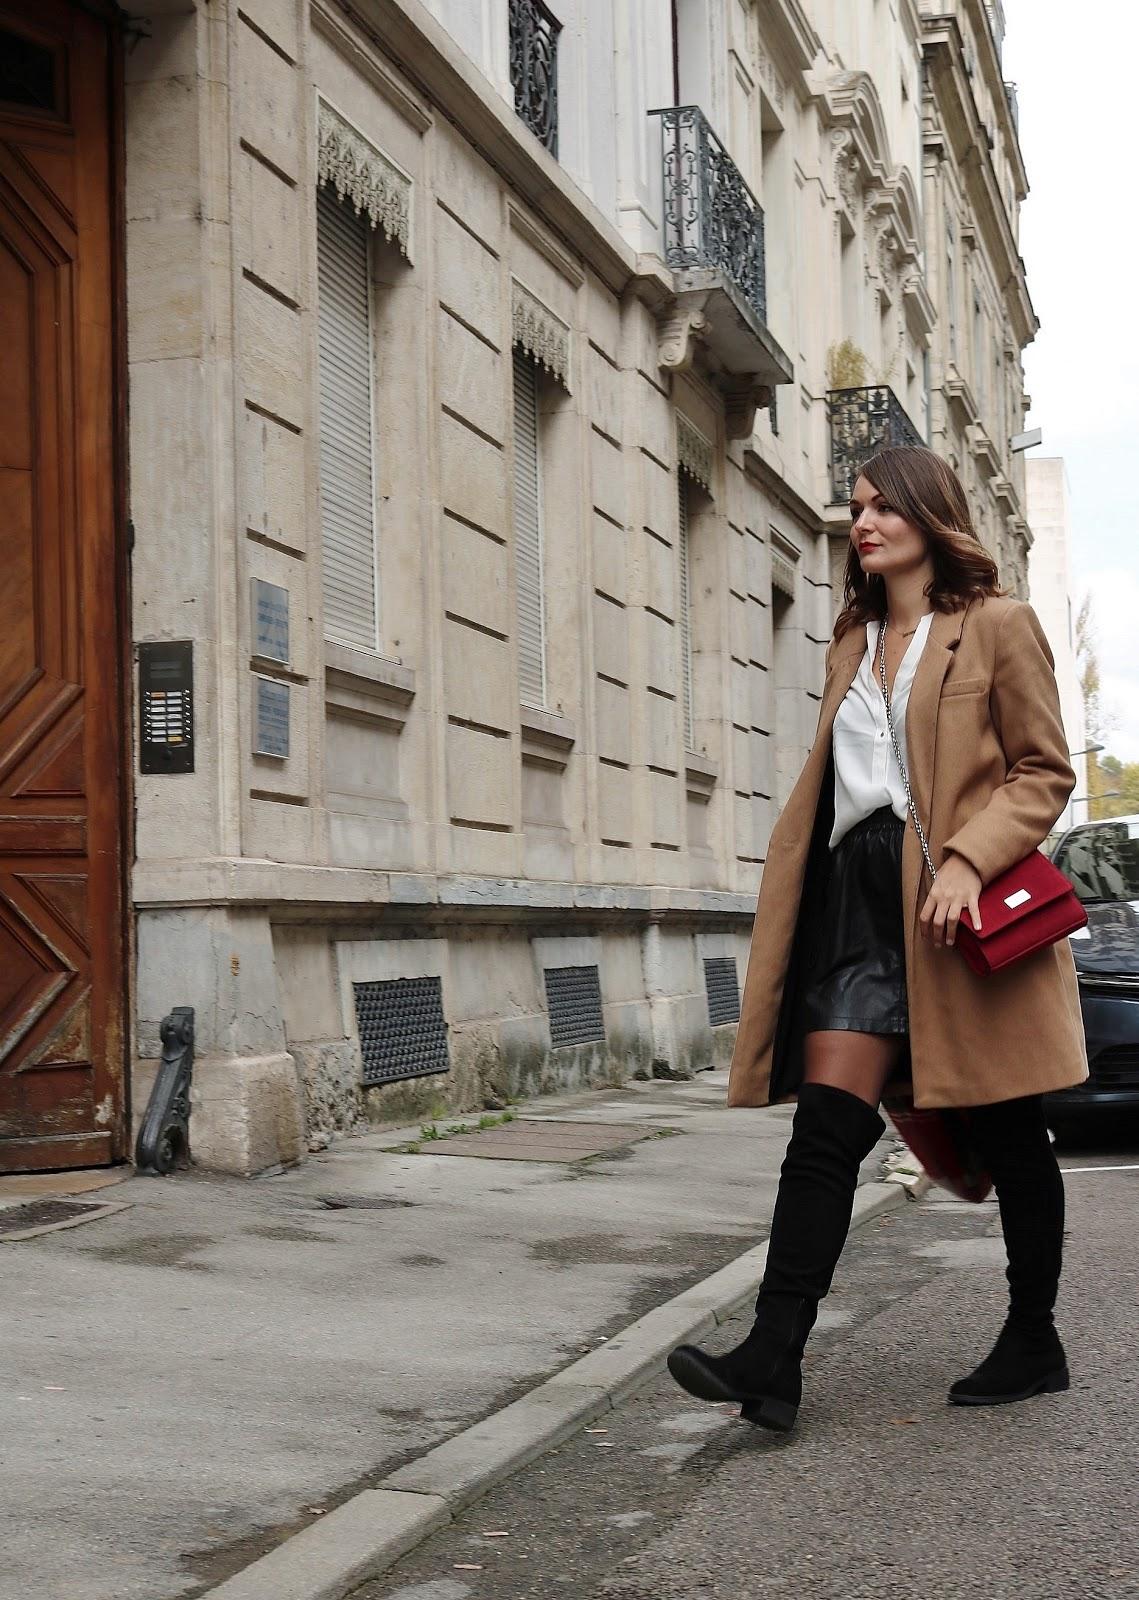 pauline dress blog mode déco lifestyle besancon tenue octobre 2017 cuissardes jupe similicuir blouse blanche manteau camel sac rouge grosse echarpe sans écharpe